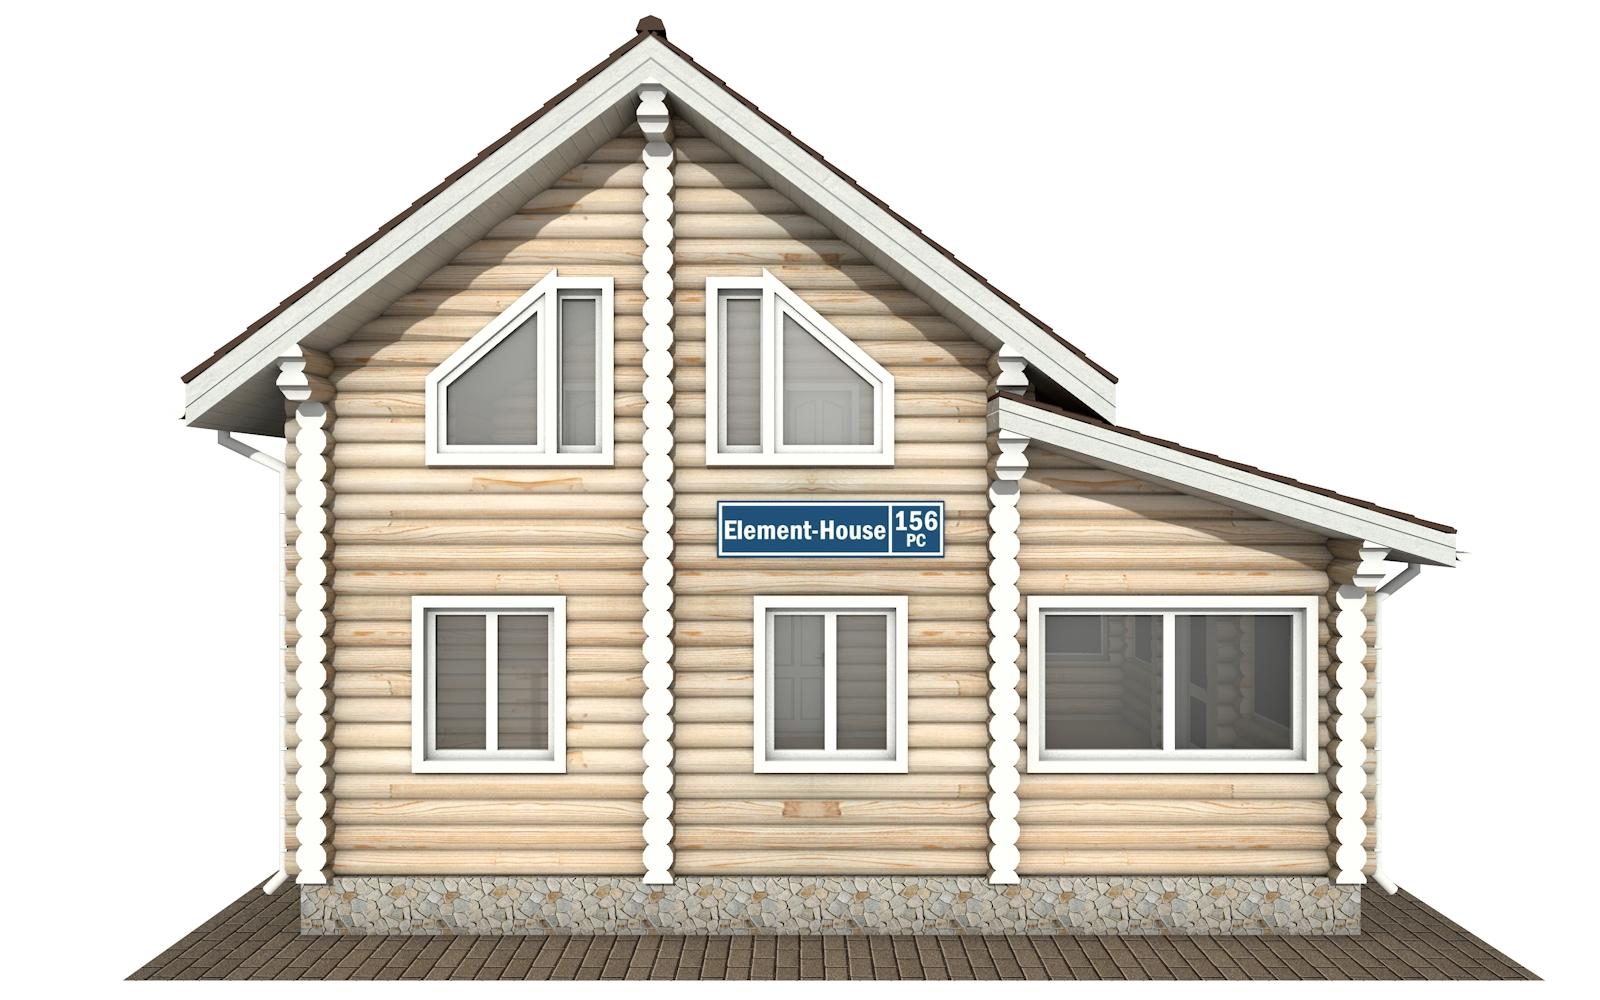 Фото #8: Красивый деревянный дом РС-156 из бревна